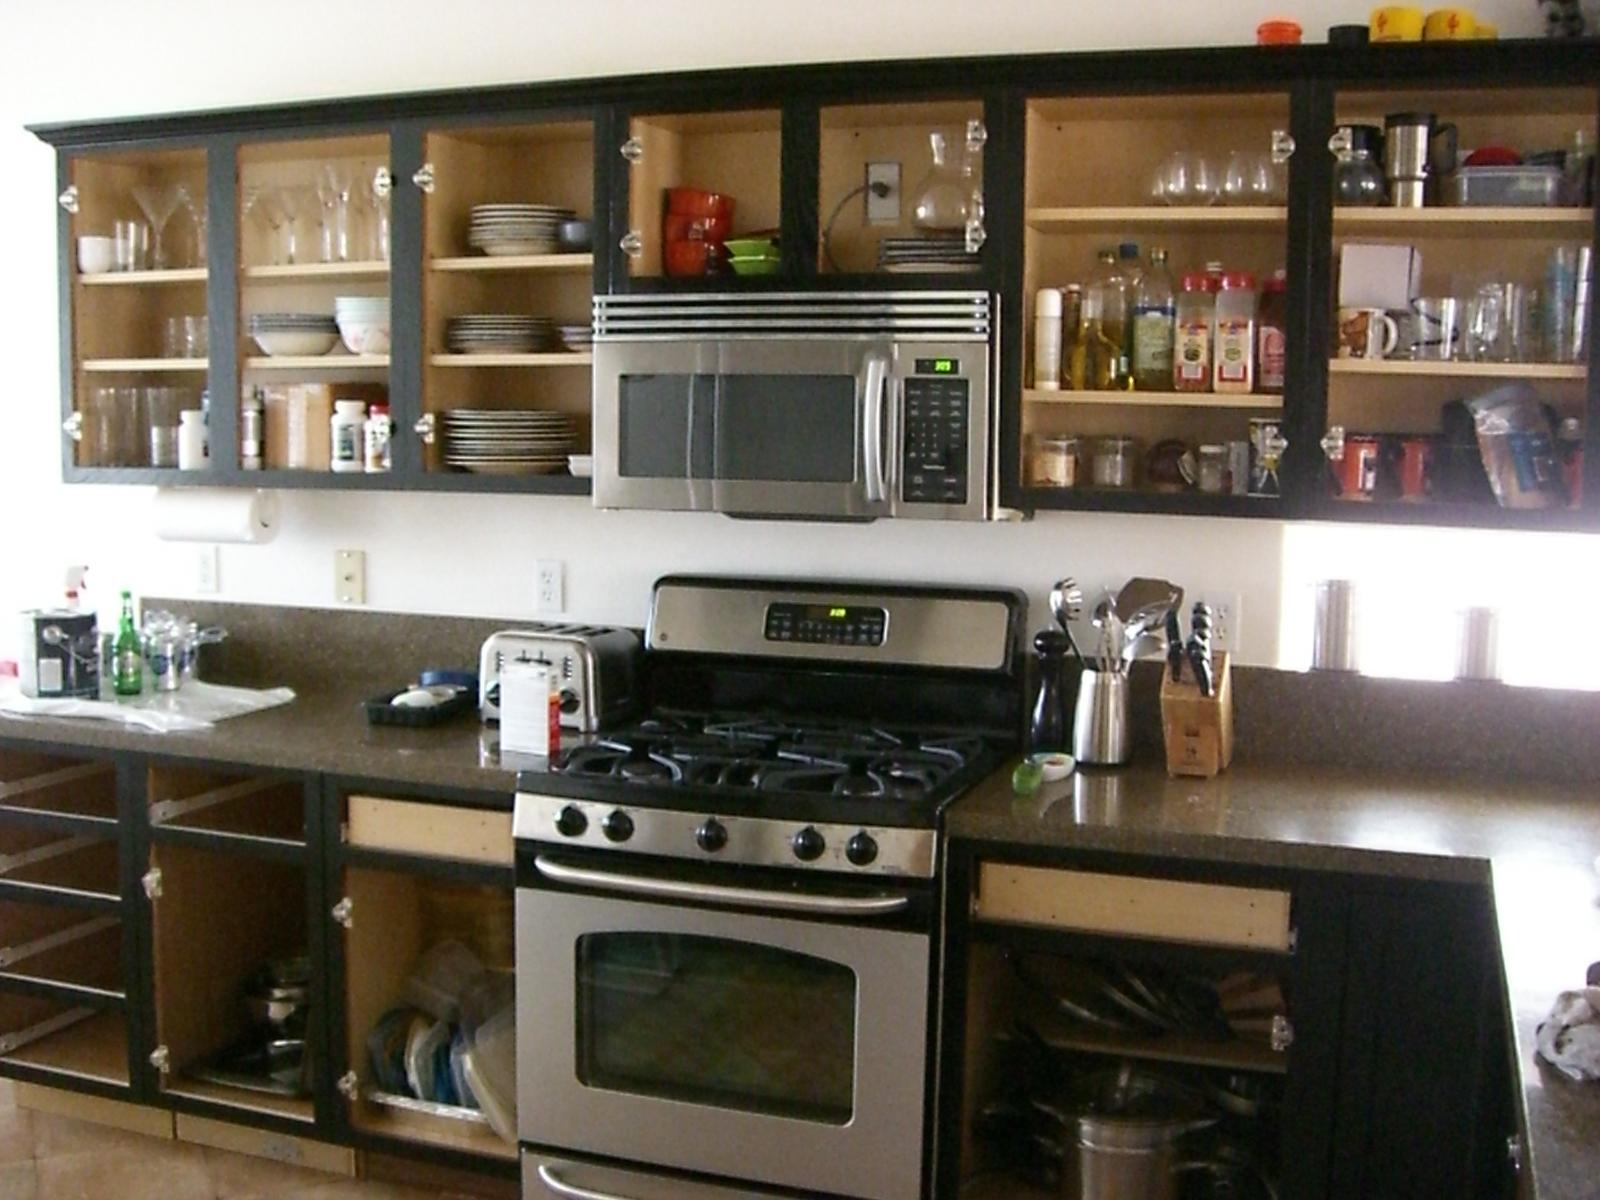 armoires de cuisine peintes en noir